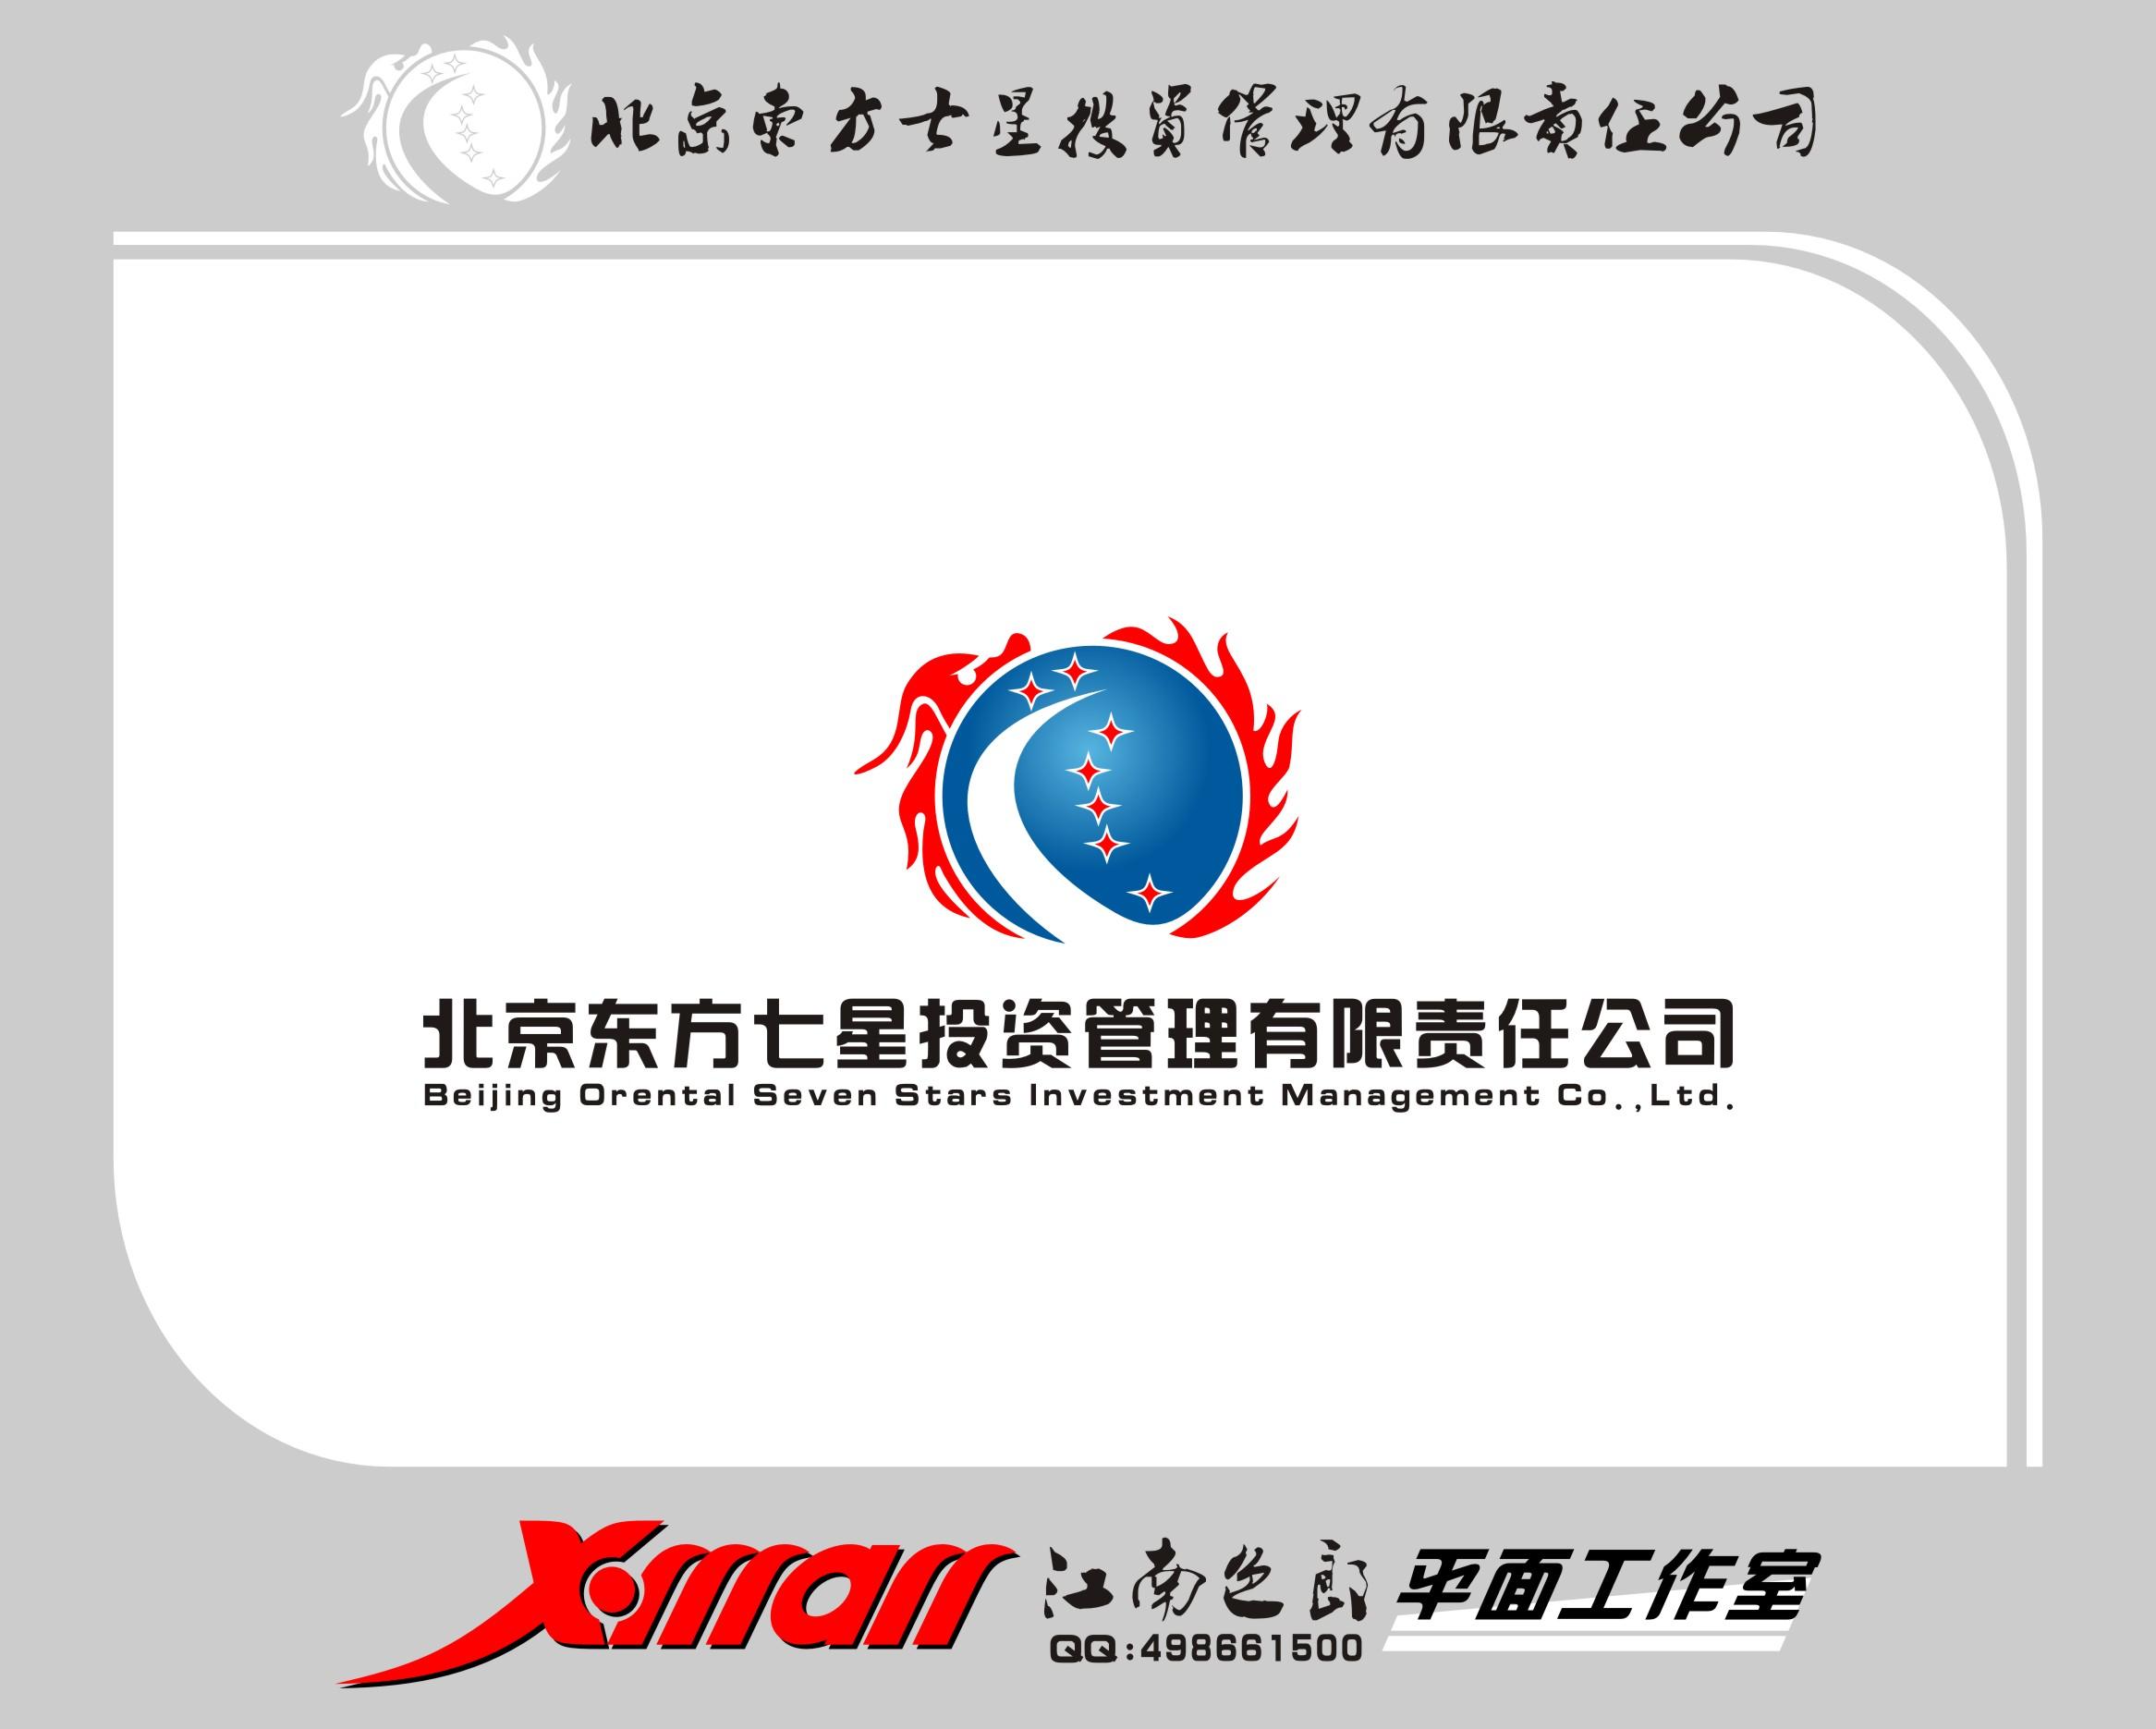 东方七星投资管理有限责任公司logo设计